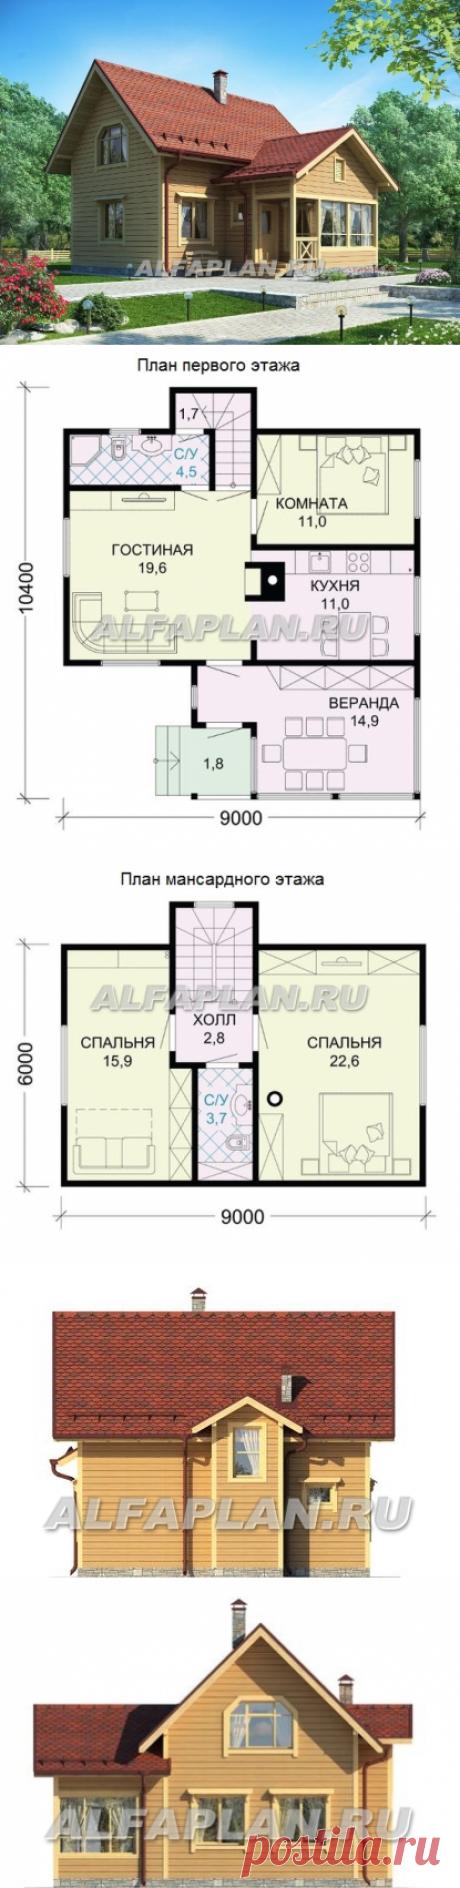 Дом из бруса (дача) для маленького участка (G107), Alfaplan.ru